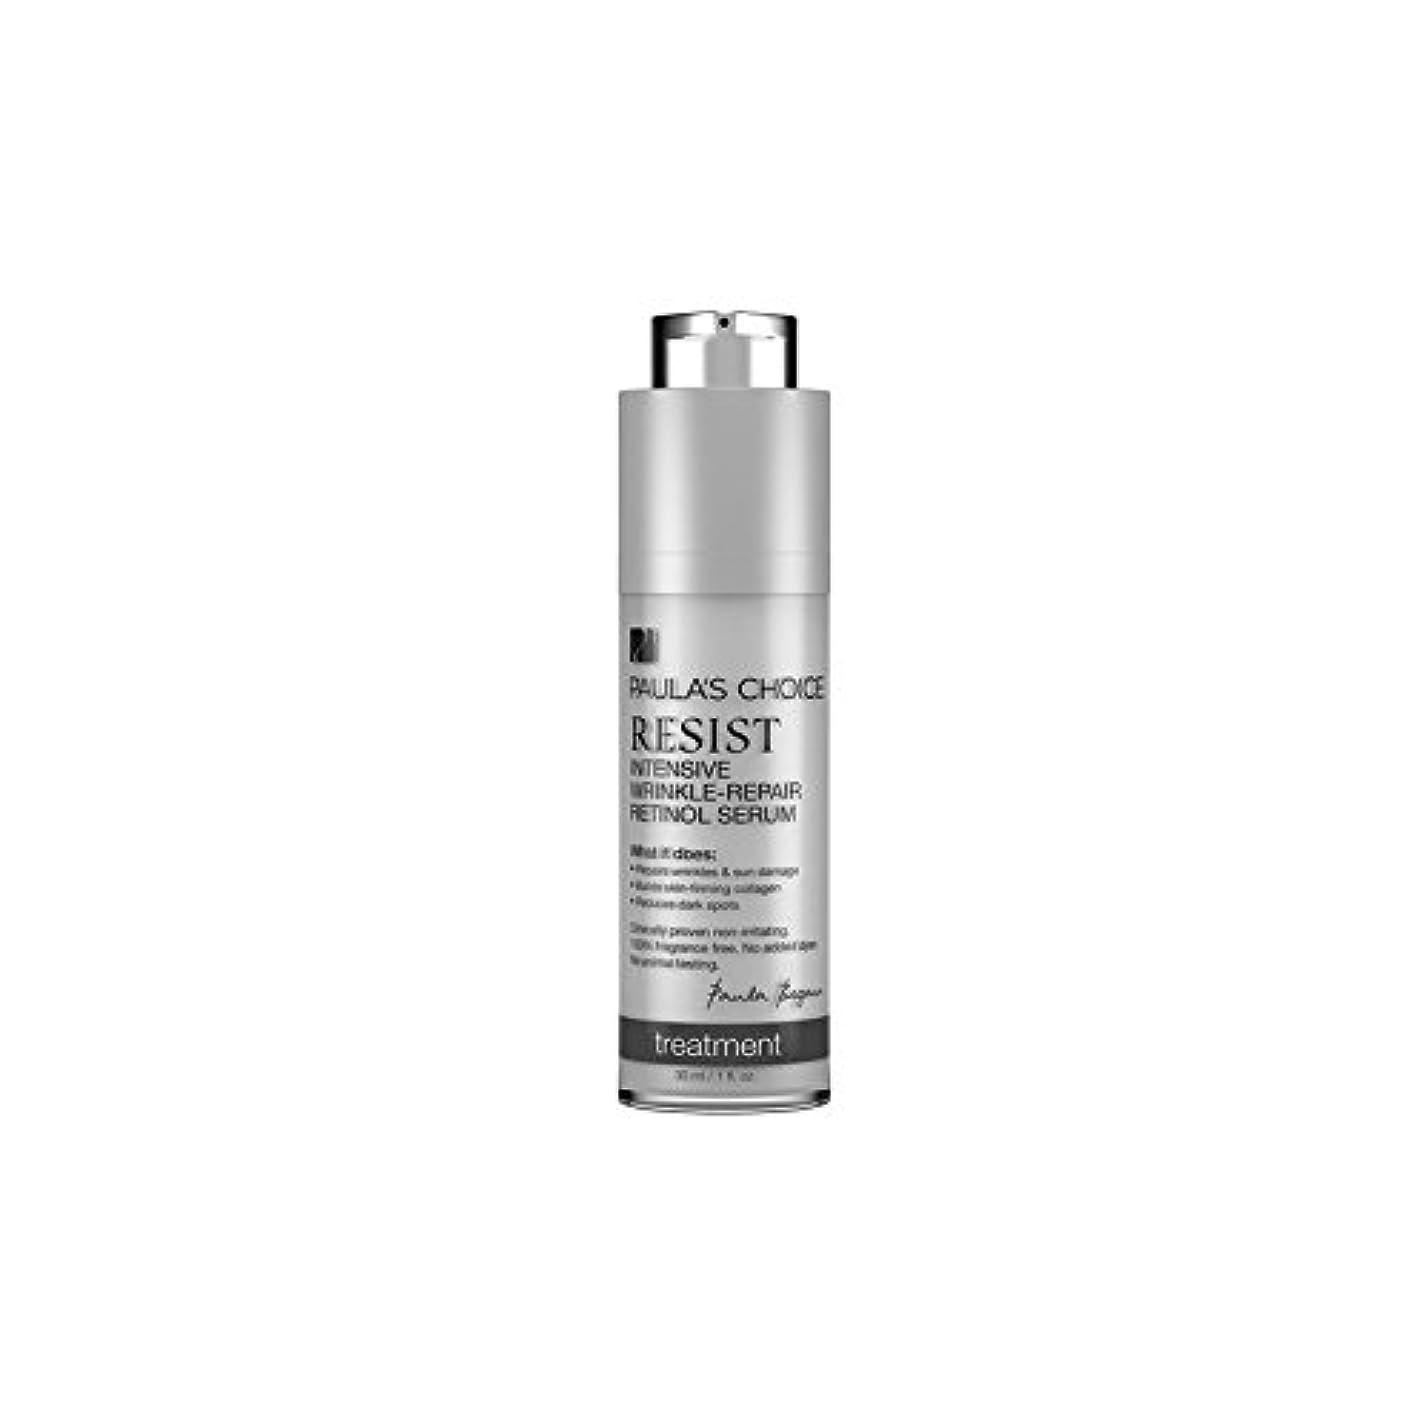 に応じて遷移閲覧するPaula's Choice Resist Intensive Wrinkle-Repair Retinol Serum (30ml) - ポーラチョイスは、集中的なしわ修復レチノール血清(30ミリリットル)を抵抗します...